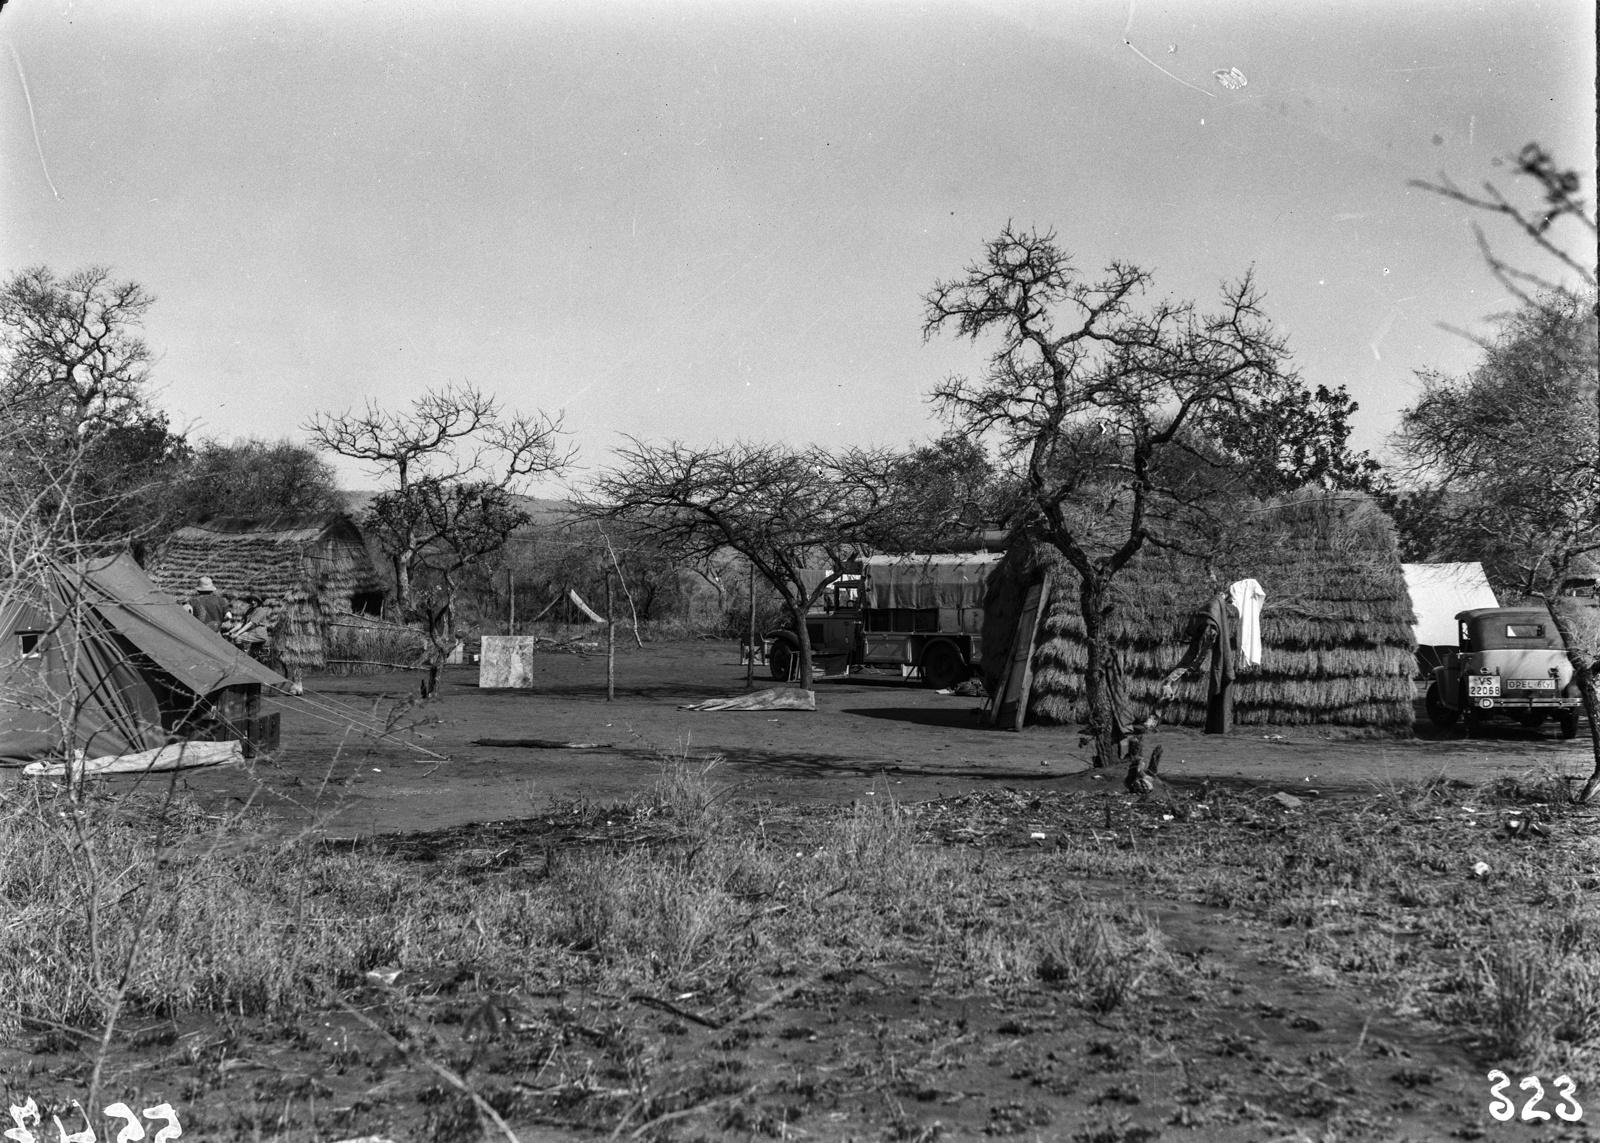 Южно-Африканский Союз. Квазулу-Наталь. Экспедиционный лагерь в поселении аборигенов.